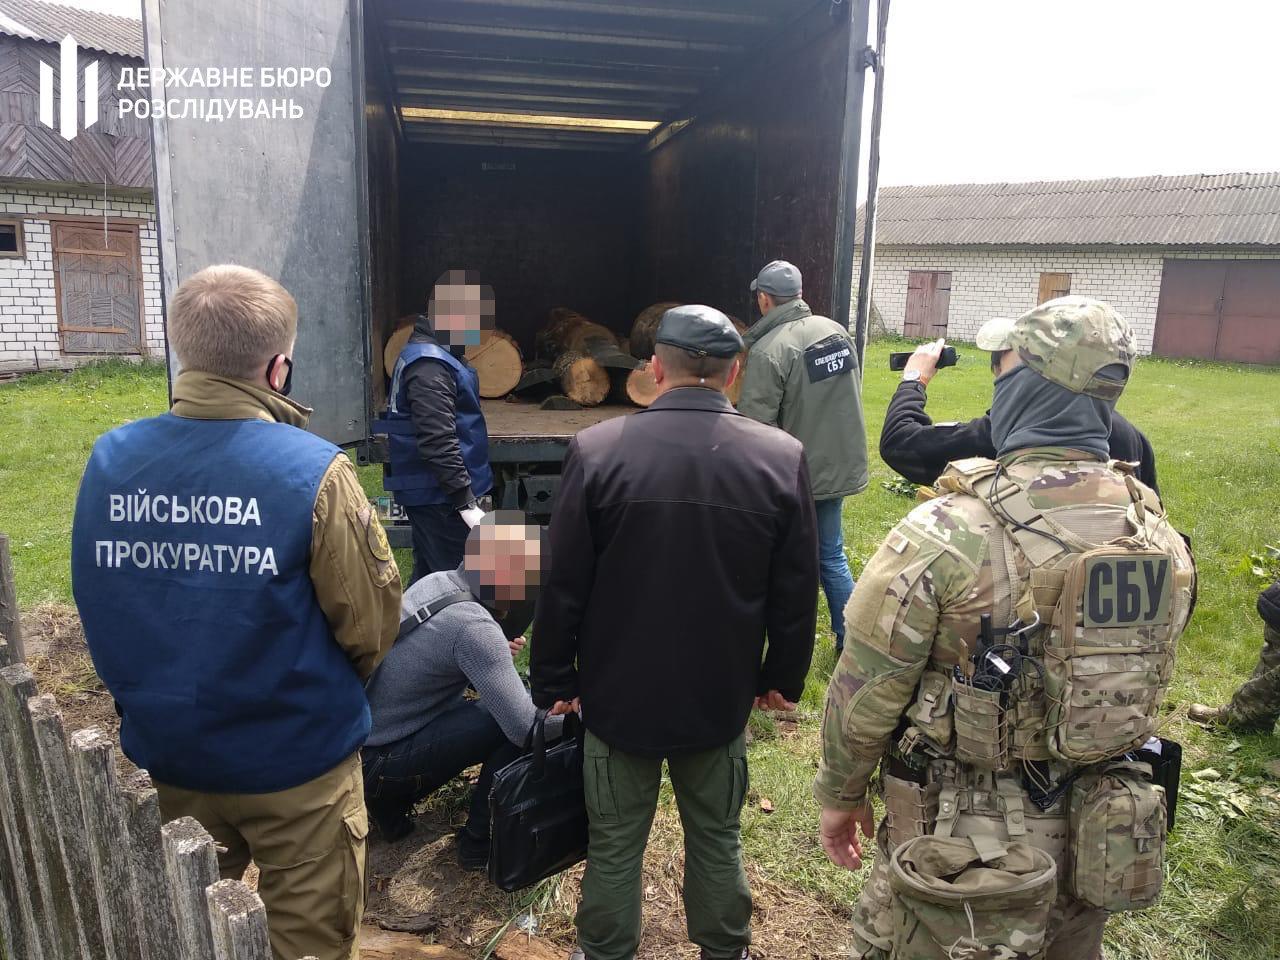 Хабар та незаконна вирубка і збут деревини – хмельницькі правоохоронці затримали прикордонника, фото-2